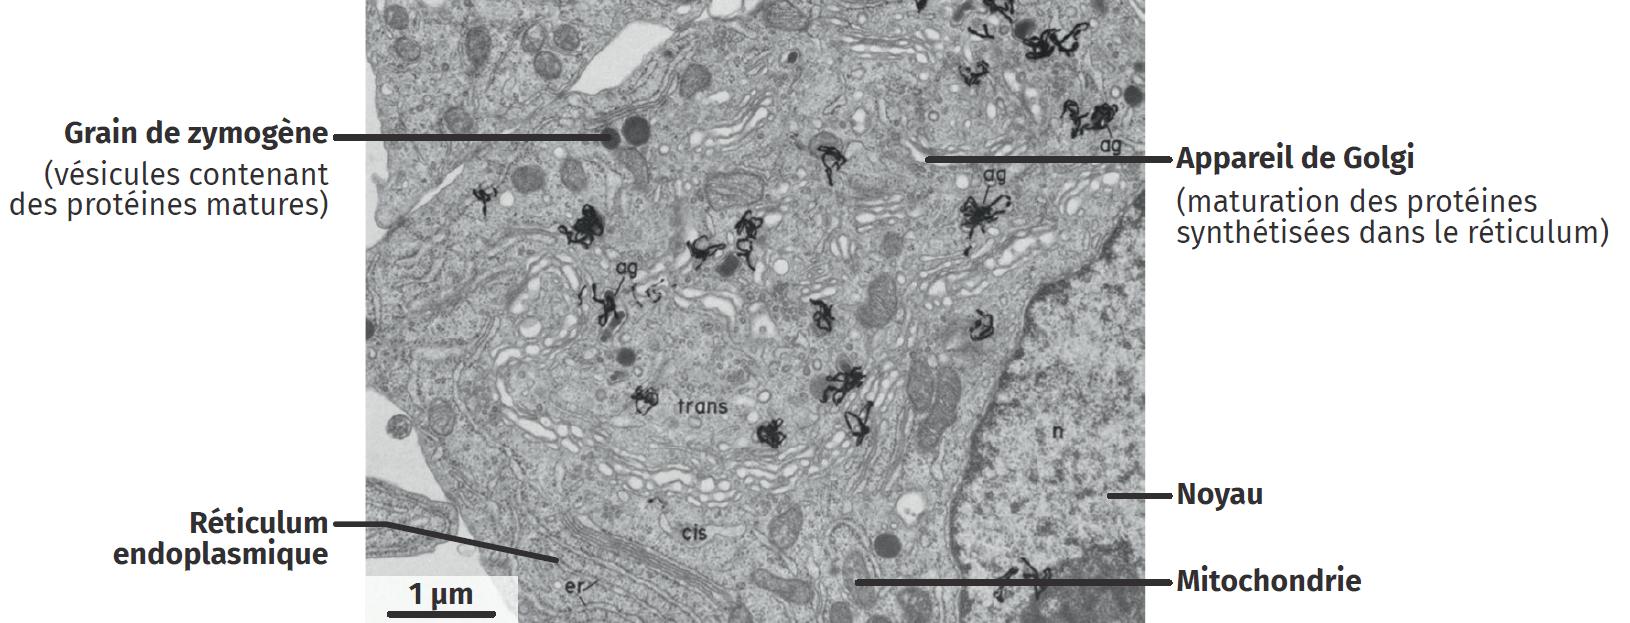 Marquage radioactif des protéines dans une cellule de pancréas de rat